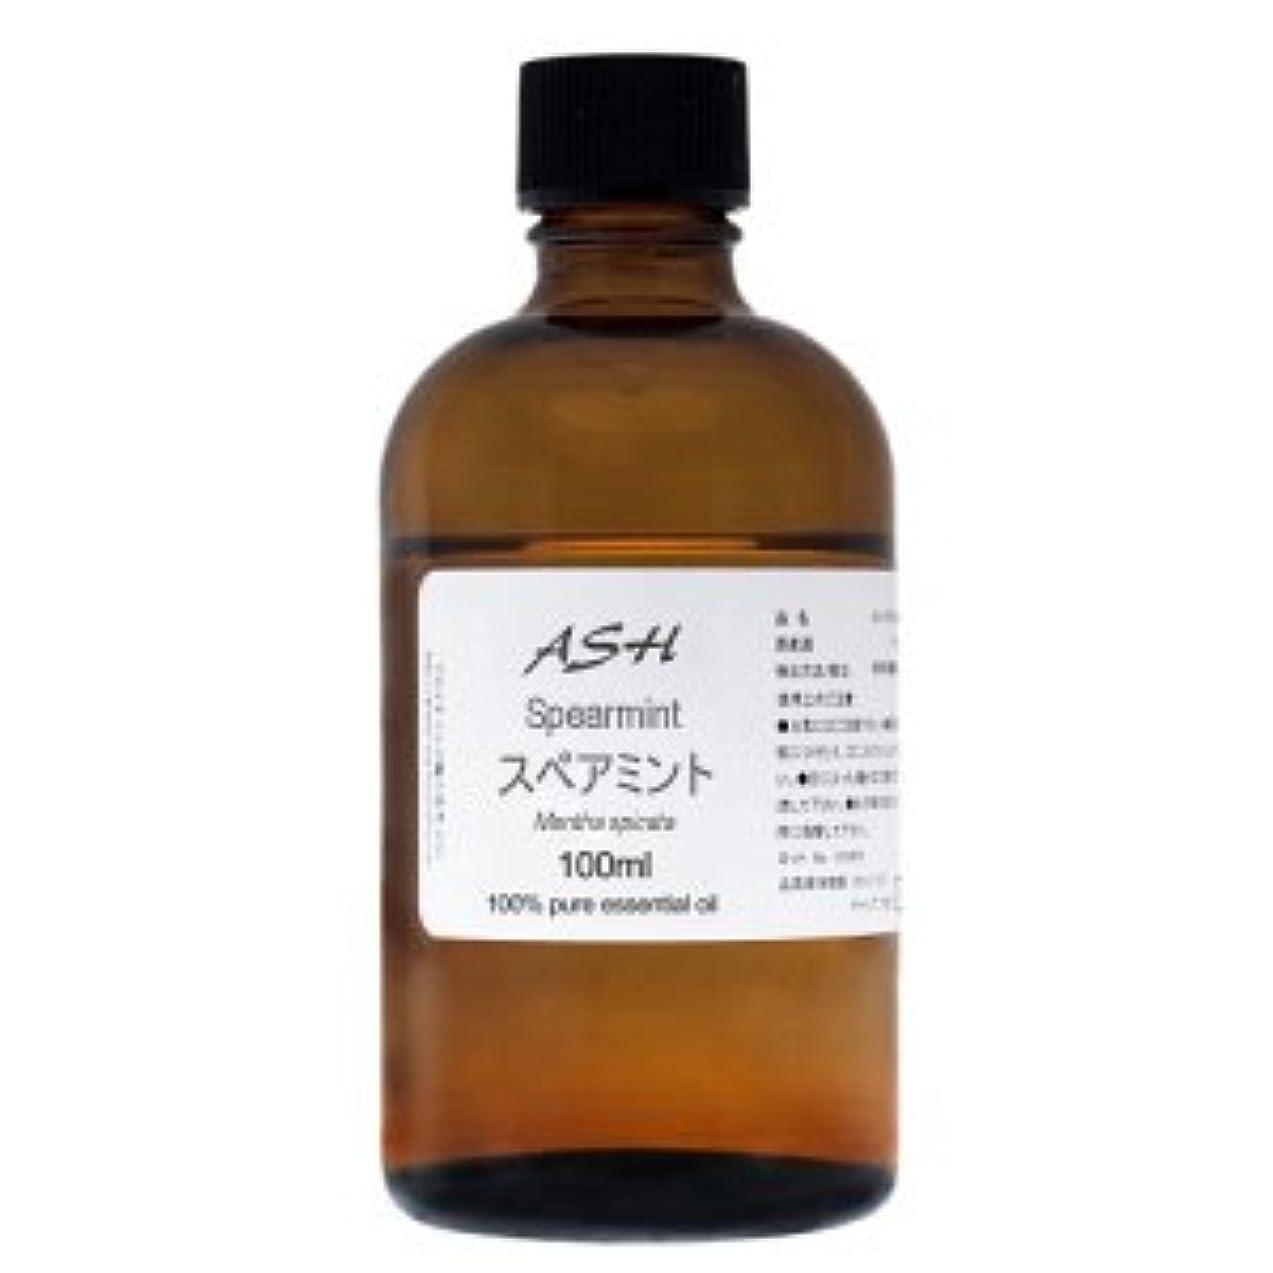 油干し草芽ASH スペアミント エッセンシャルオイル 100ml AEAJ表示基準適合認定精油